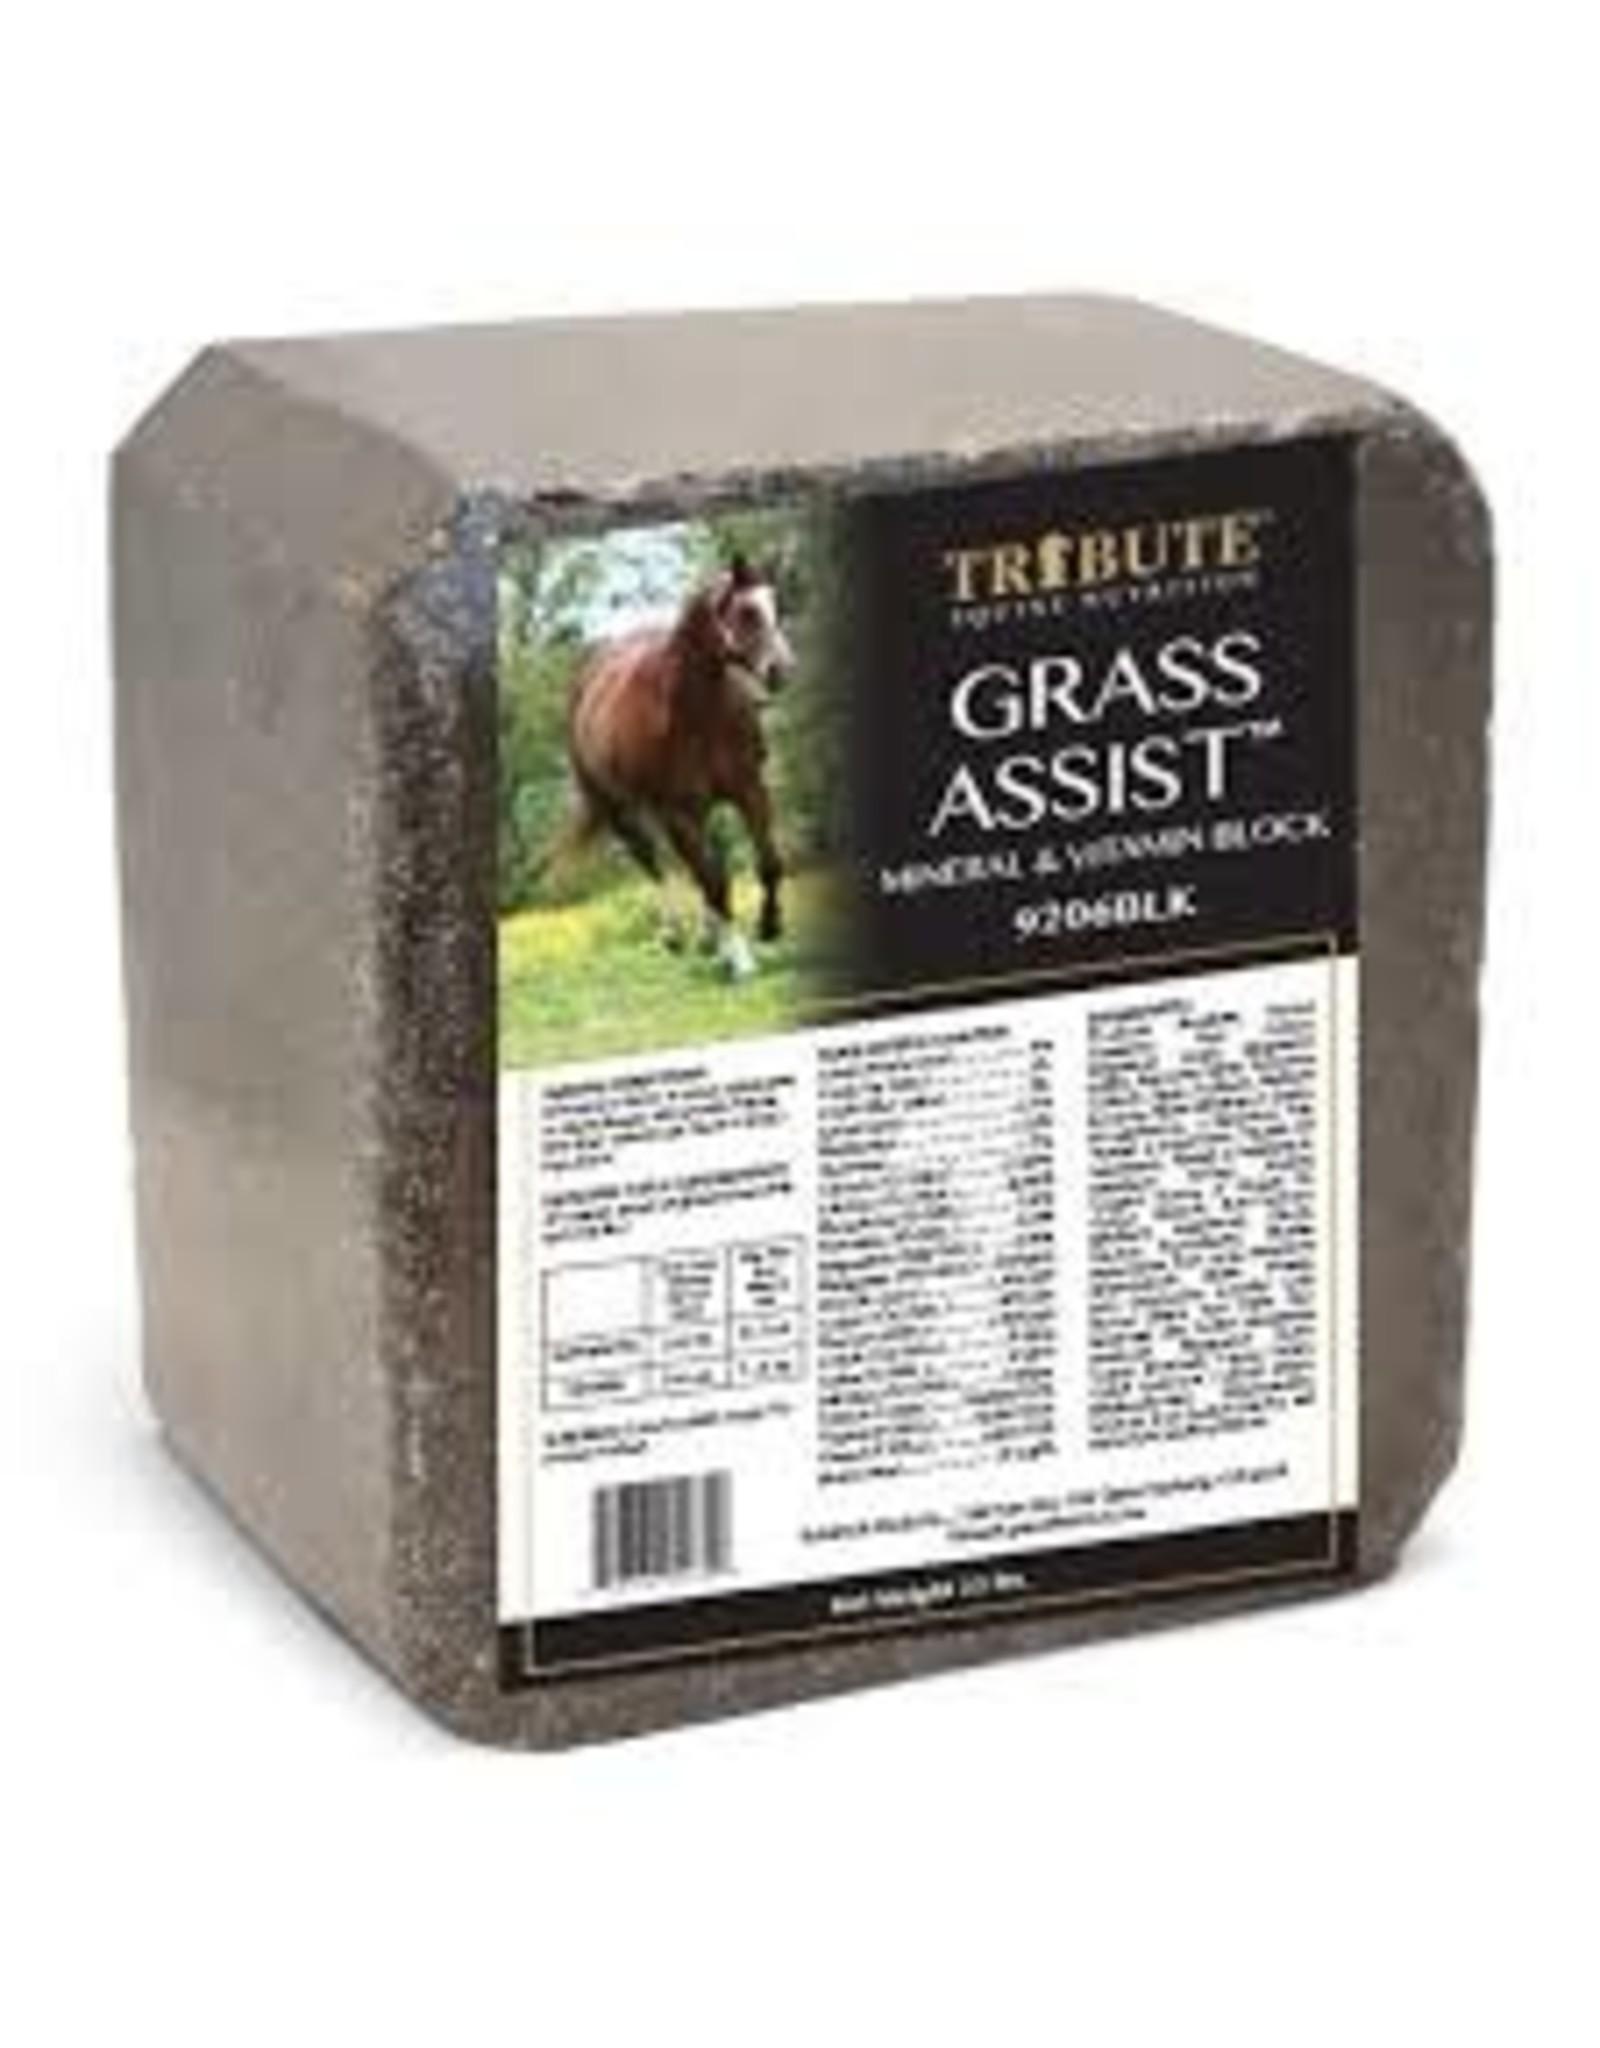 Tribute Grass Assist Mineral Block